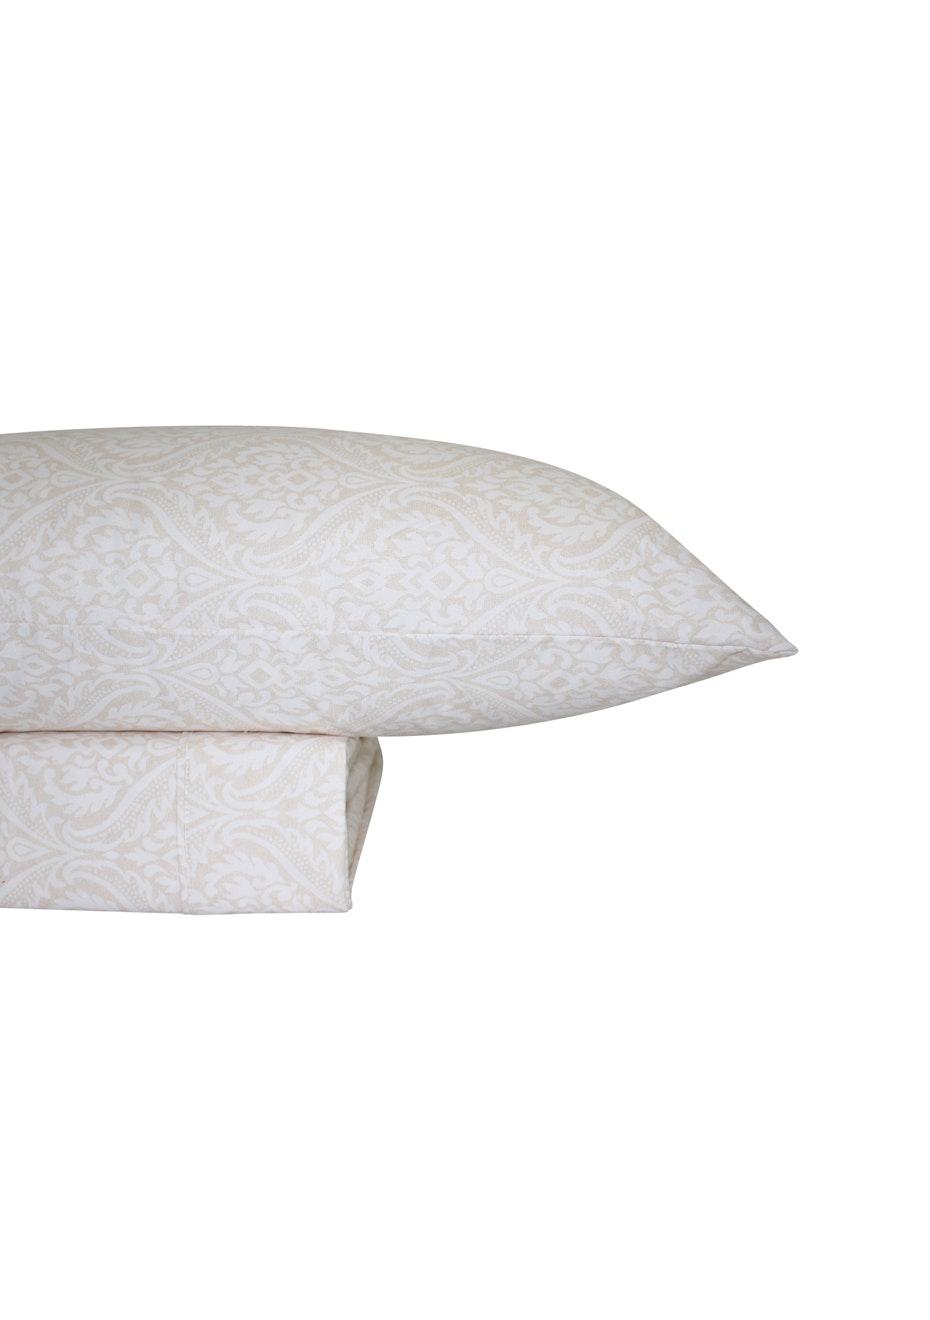 Thermal Flannel Sheet Sets - Haven Design - Sand - Single Bed